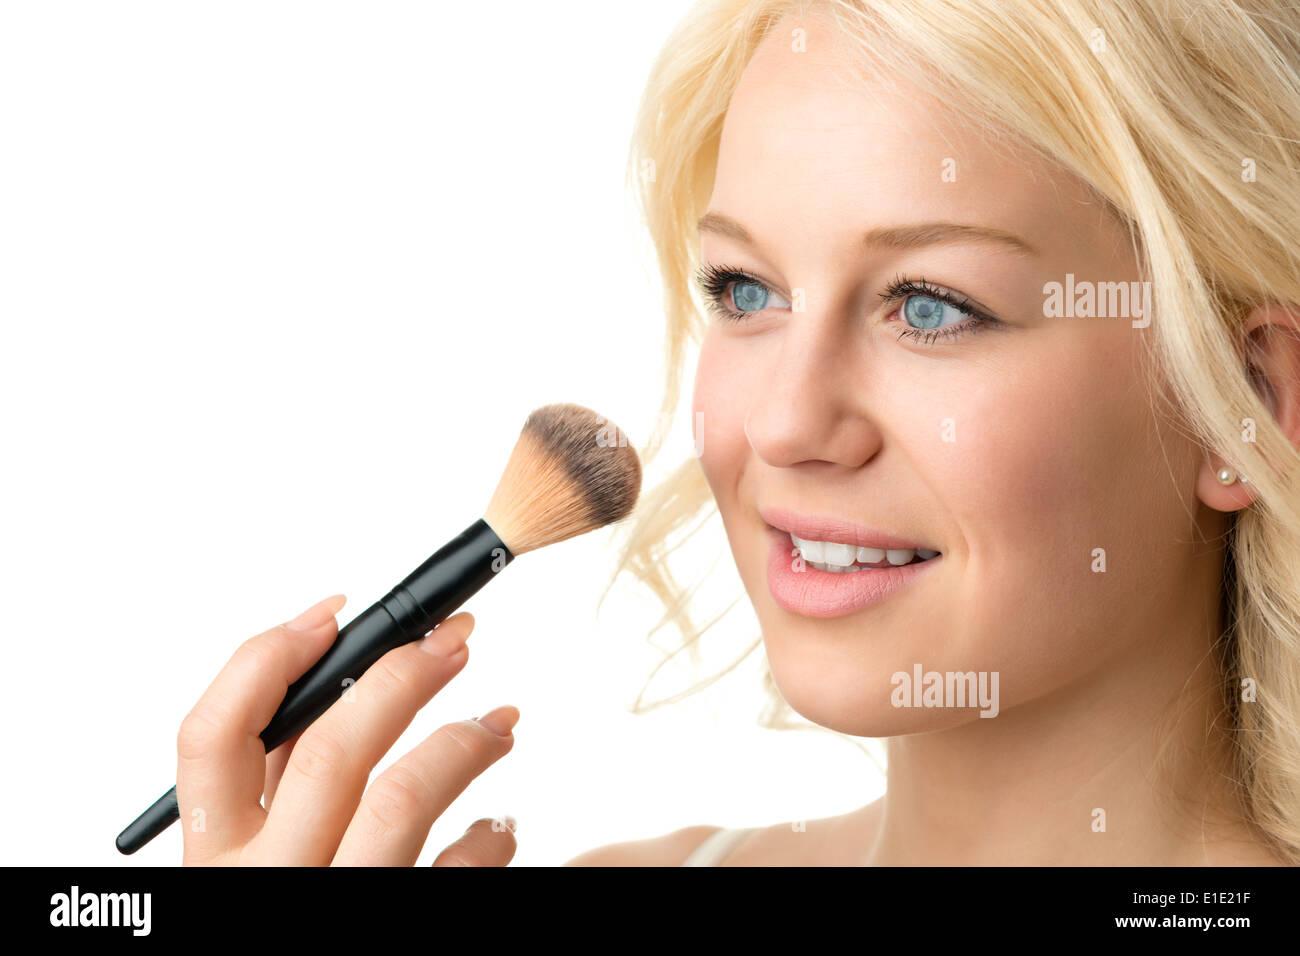 L'application de maquillage gros plan d'une femme blonde Photo Stock